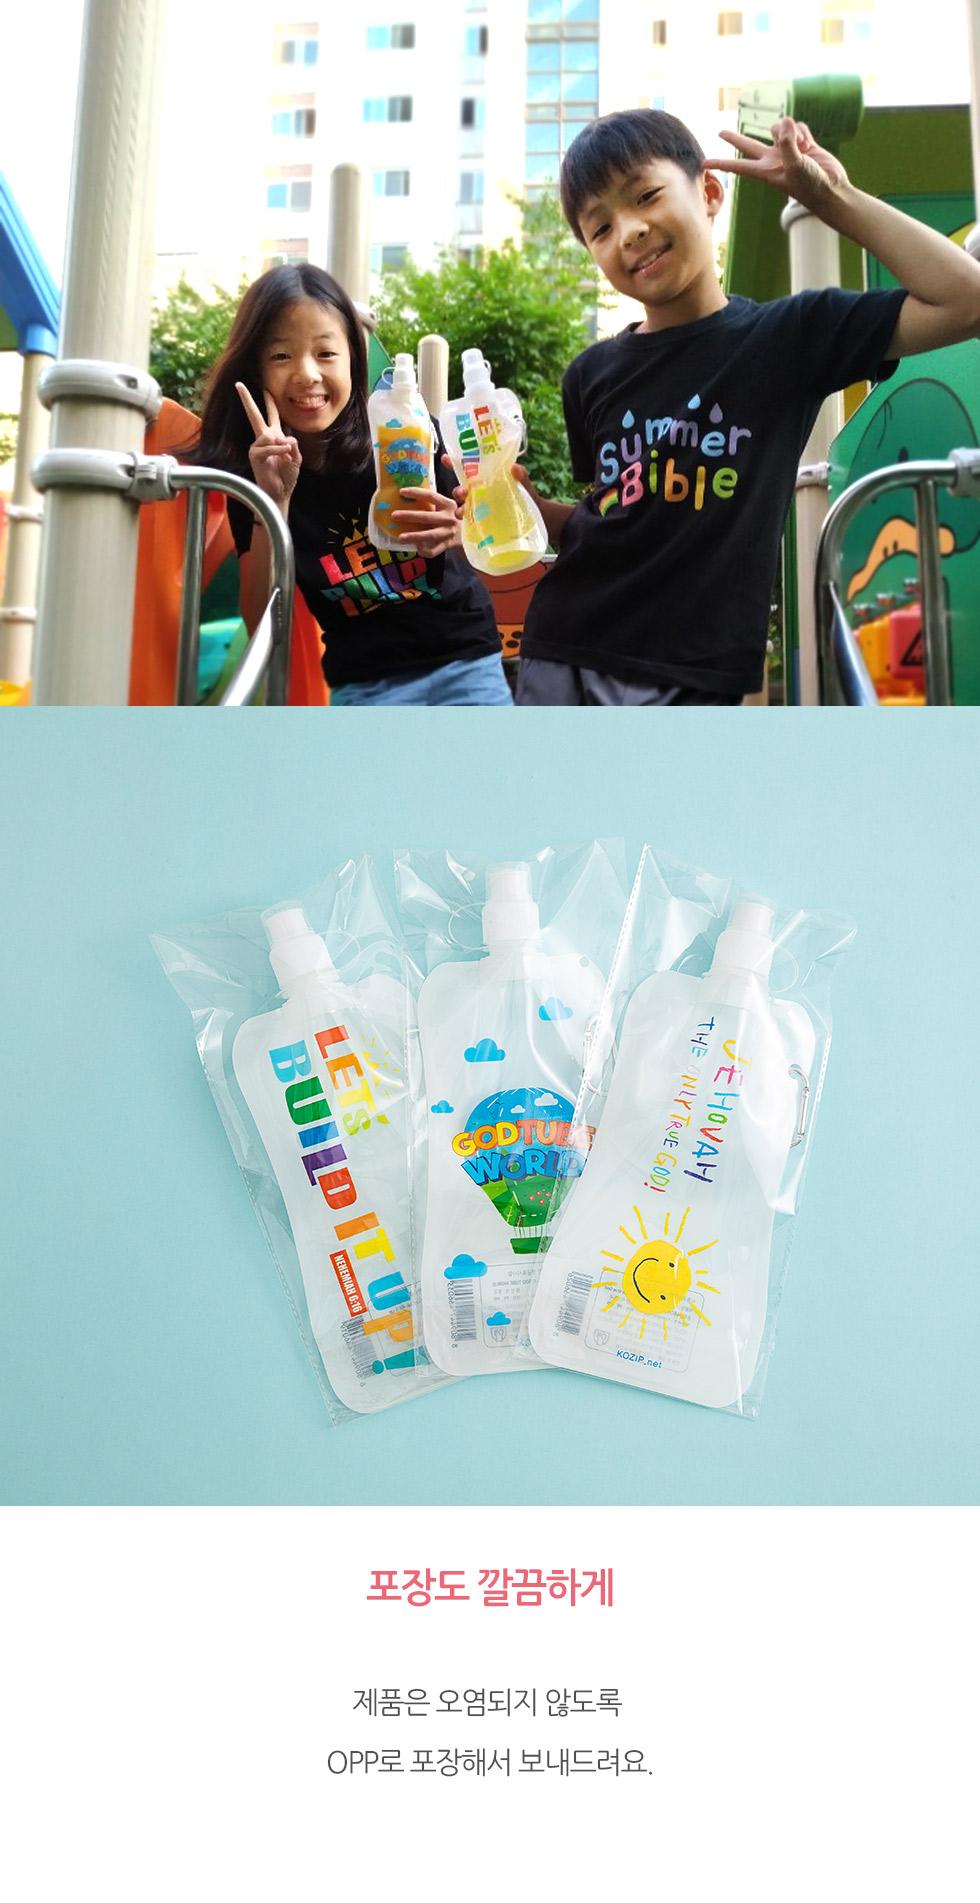 메시지가 담긴 접는 물병 스파우트 파우치 제품은 오염방지를 위해 OPP봉투에 개별로 포장해서 보내드려요.